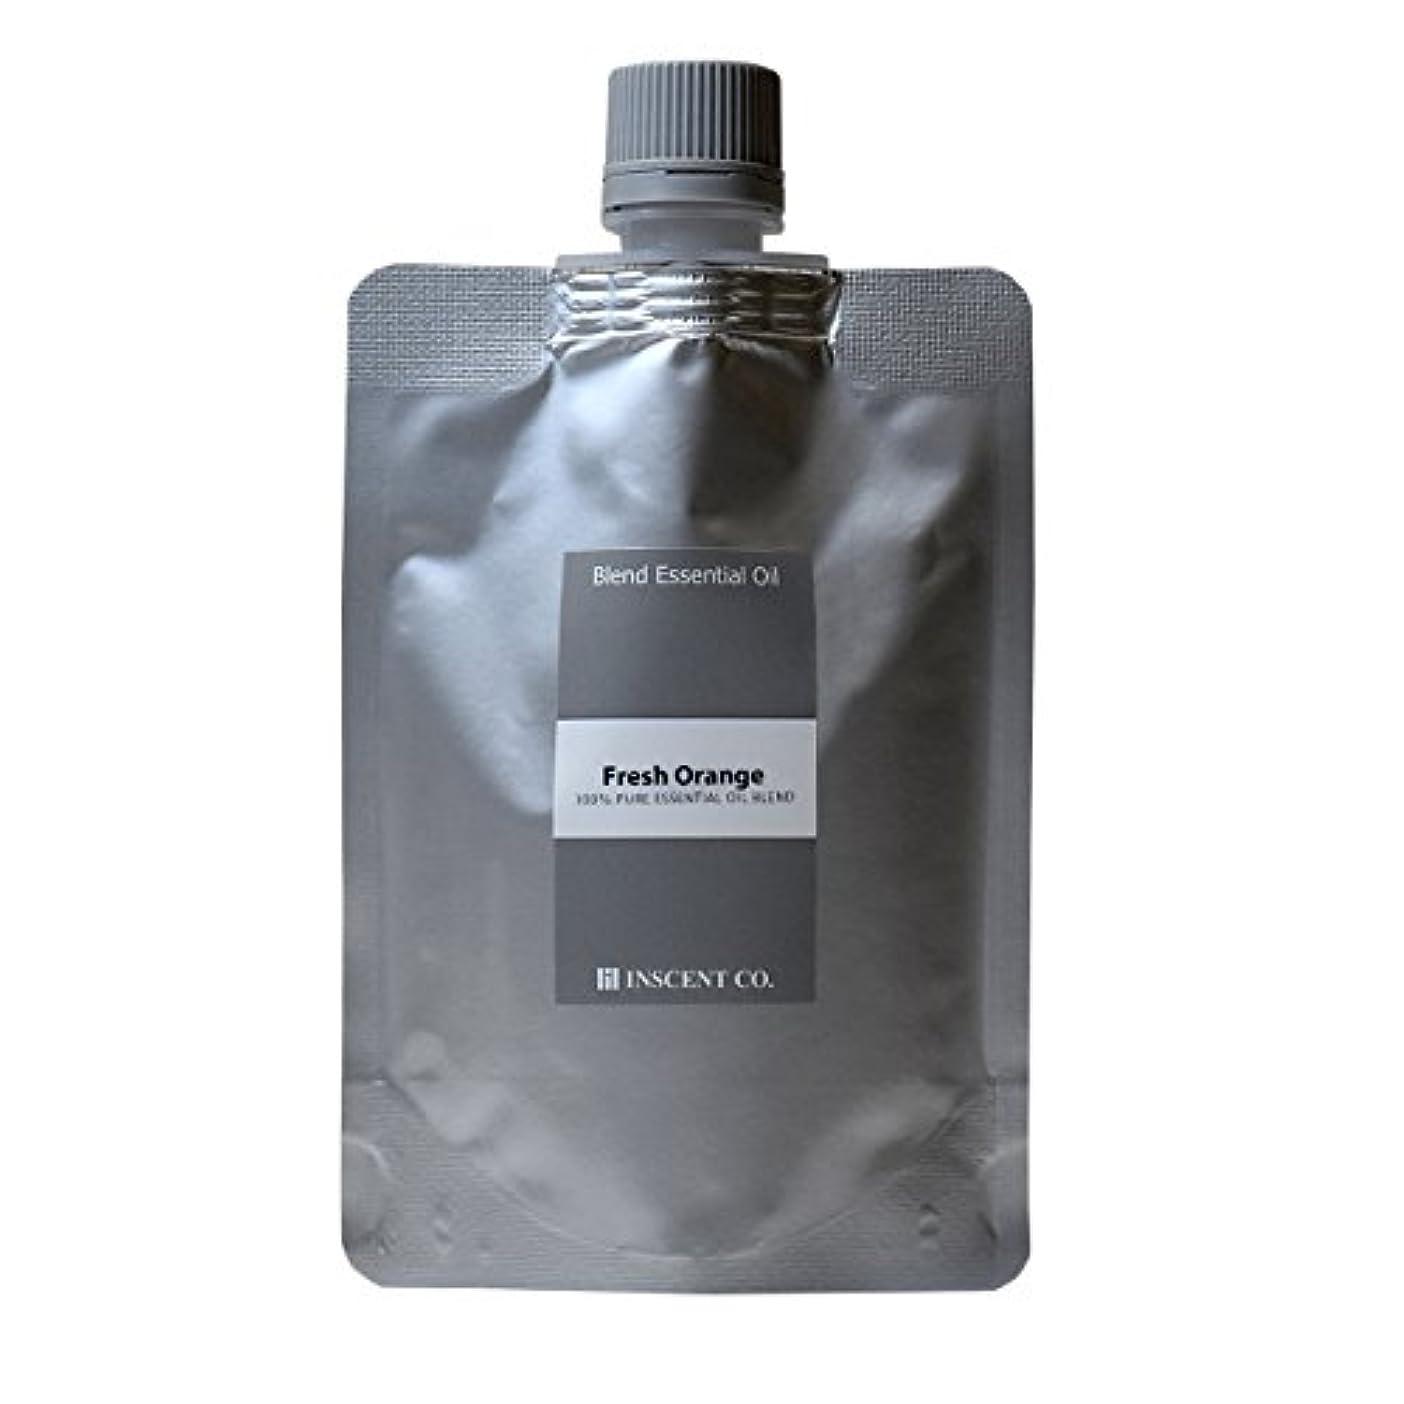 道徳の抗生物質ばかげている(詰替用 アルミパック) アロマ ブレンド フレッシュオレンジ 100ml インセント アロマオイル